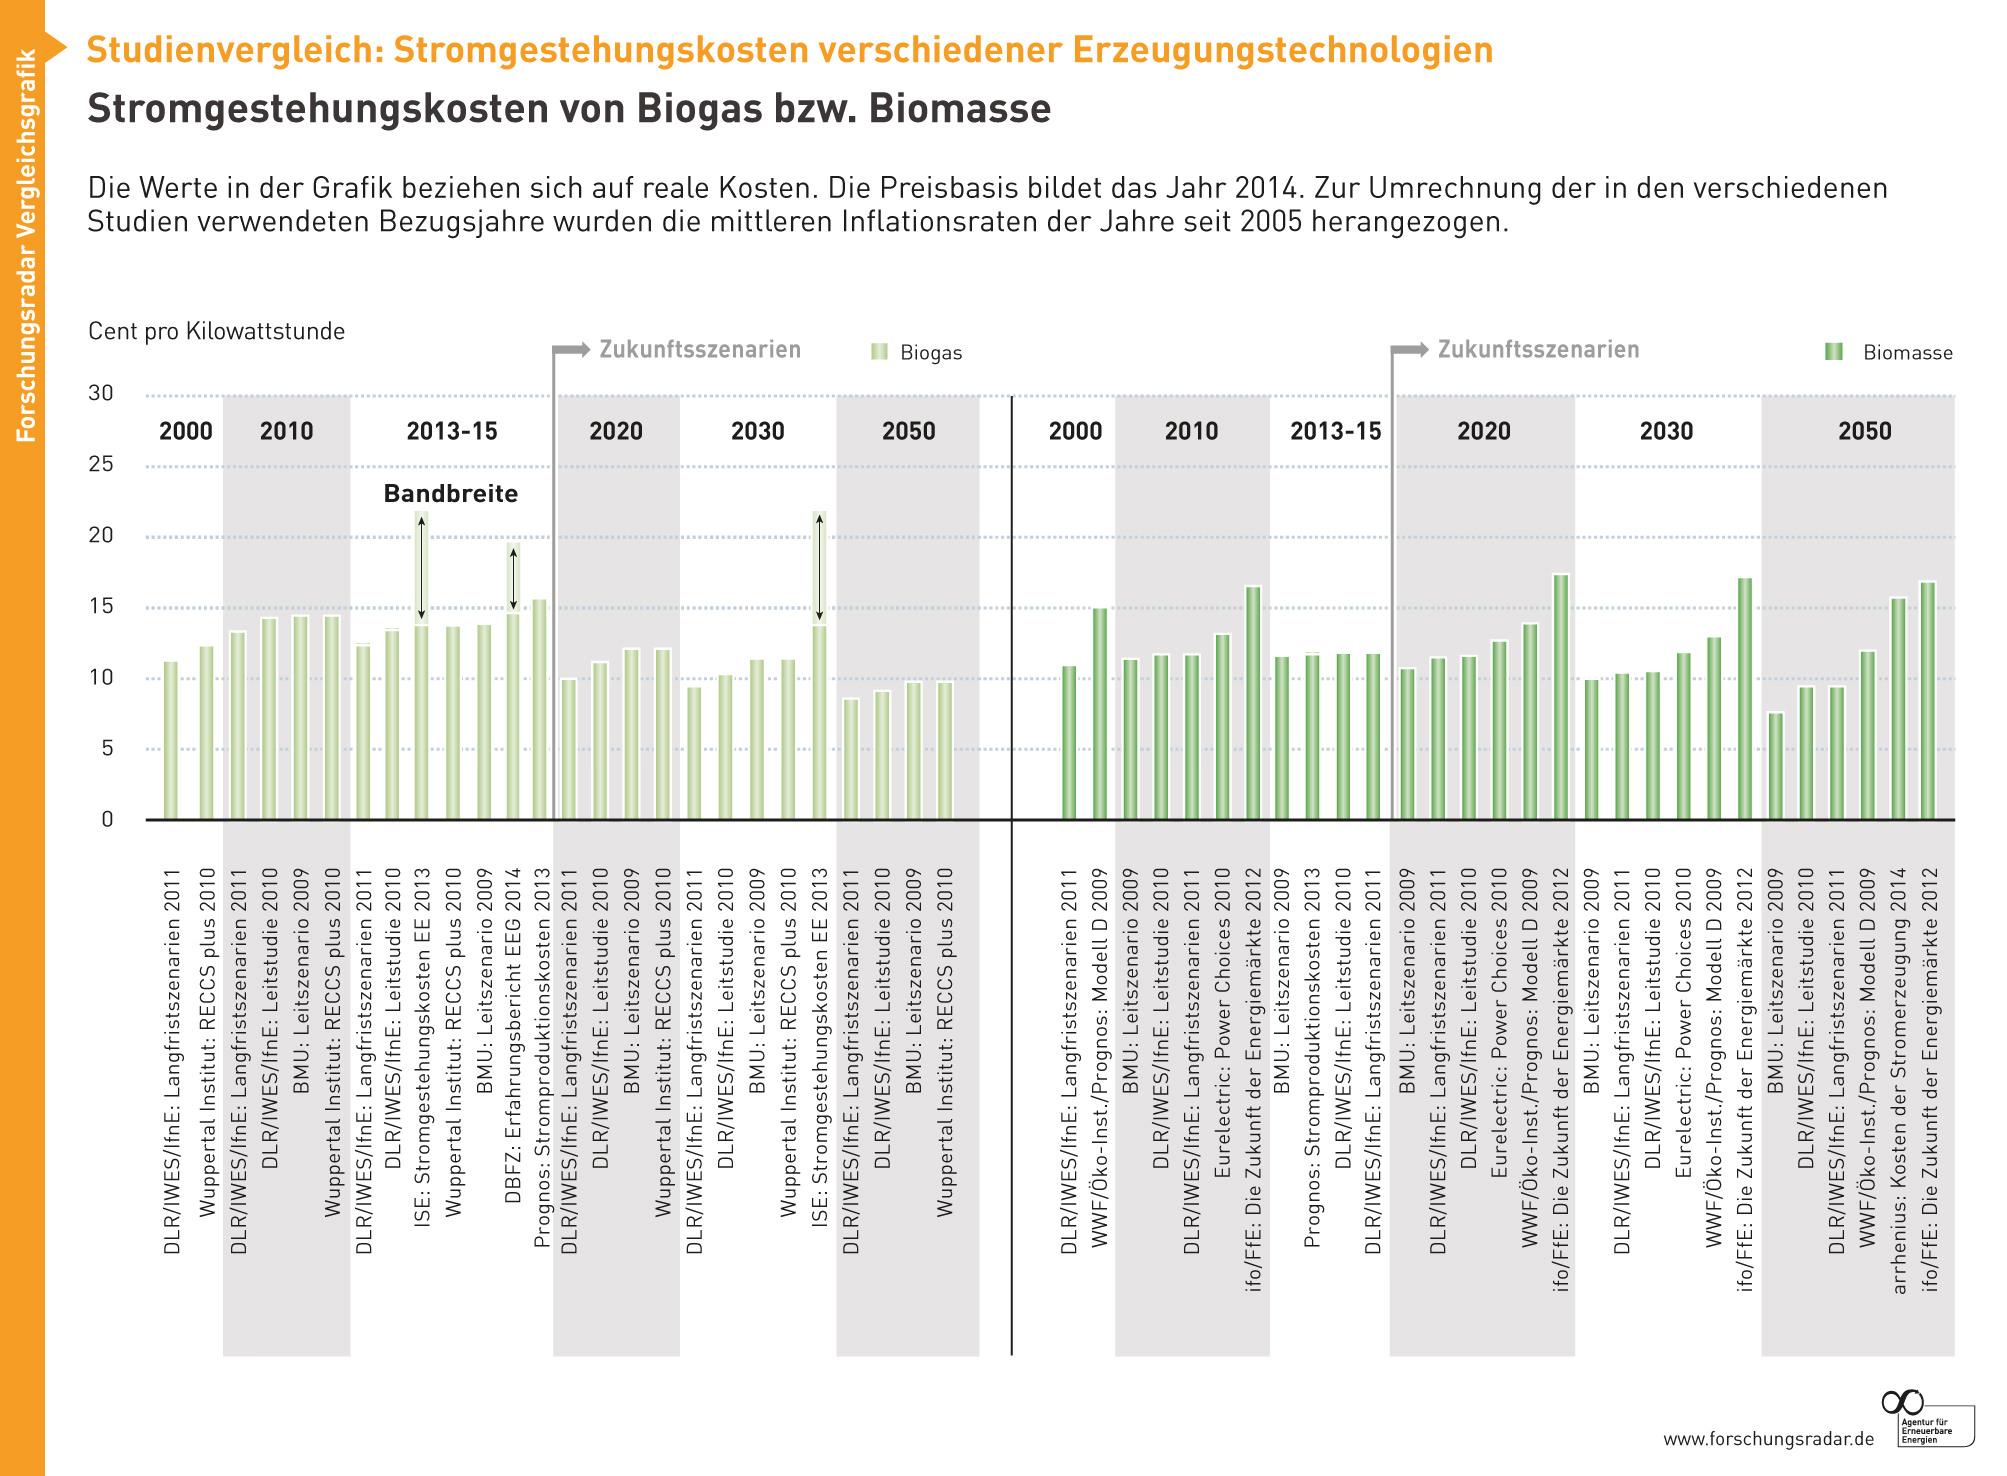 Stromgestehungskosten Biogas und Biomasse